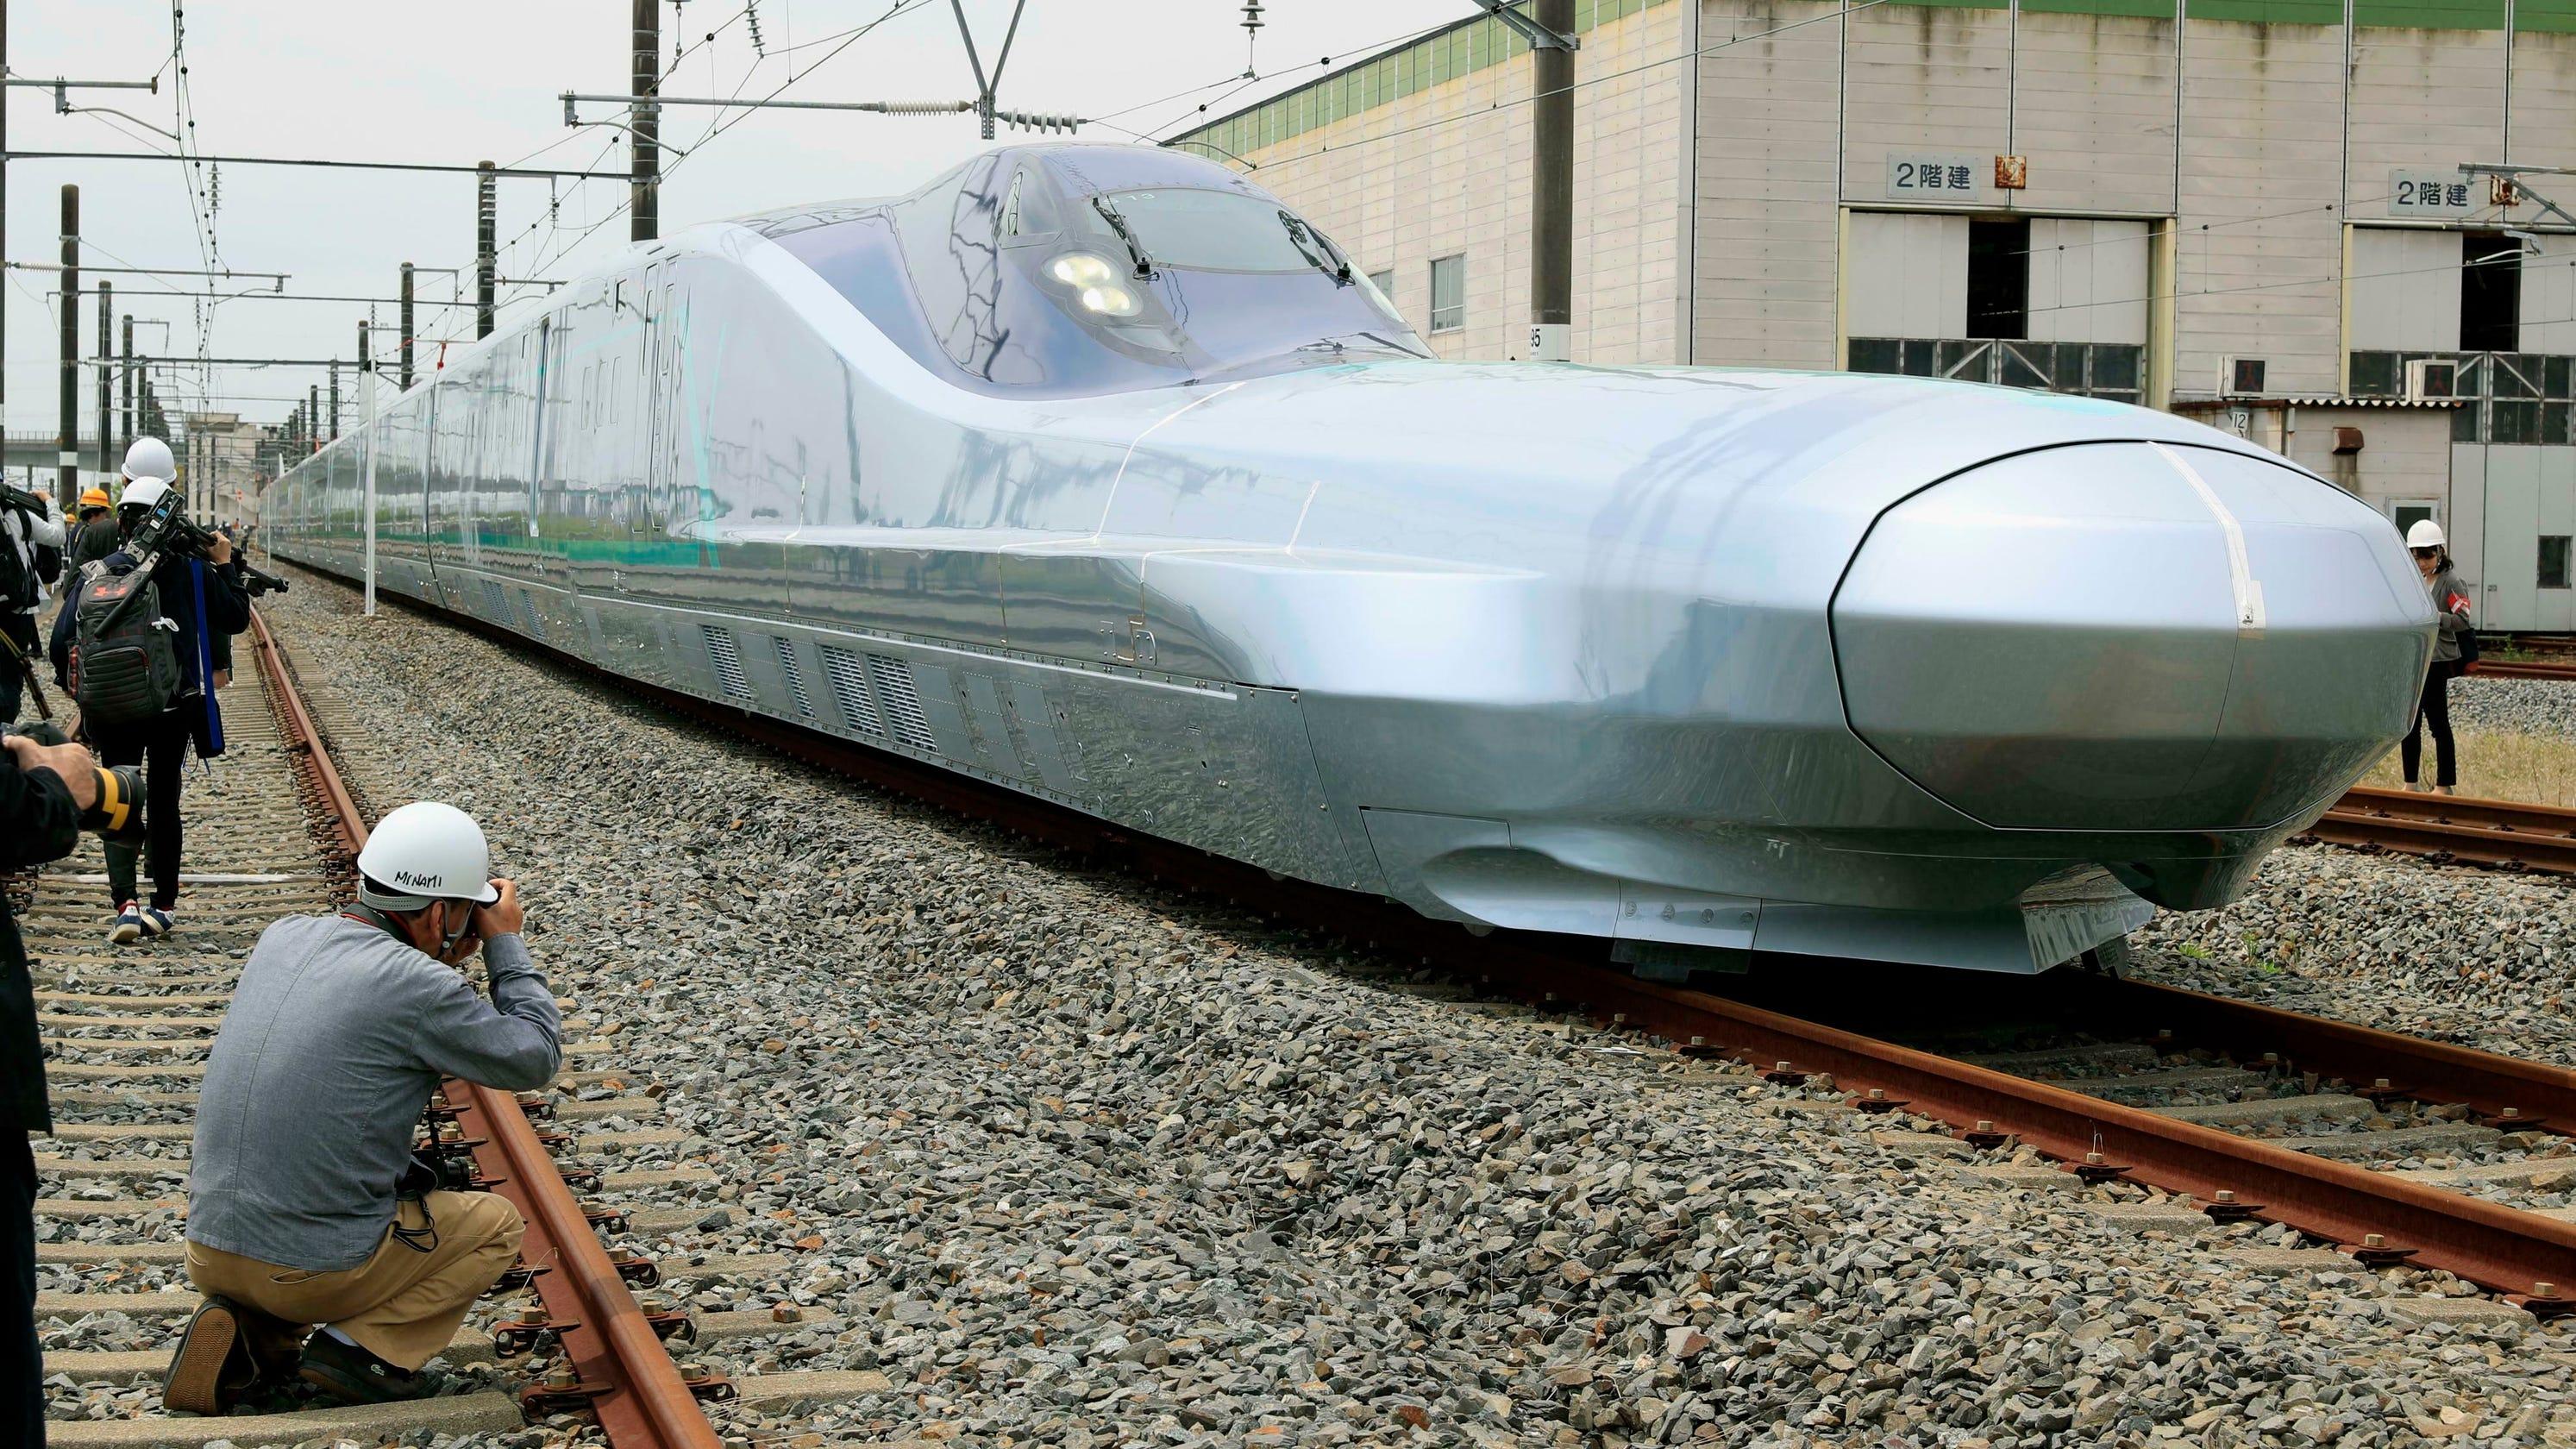 Bullet train prototype testing begins in Japan of fastest